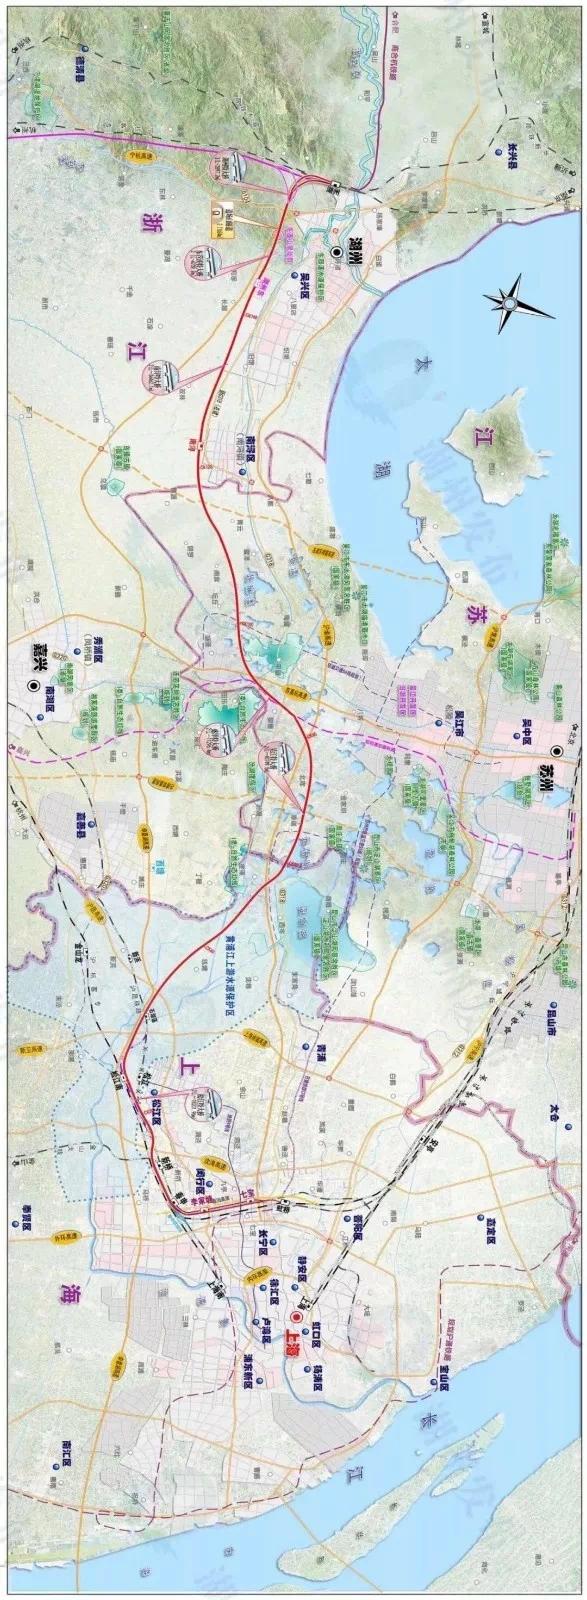 沪苏湖高铁对湖州来说意味着什么?